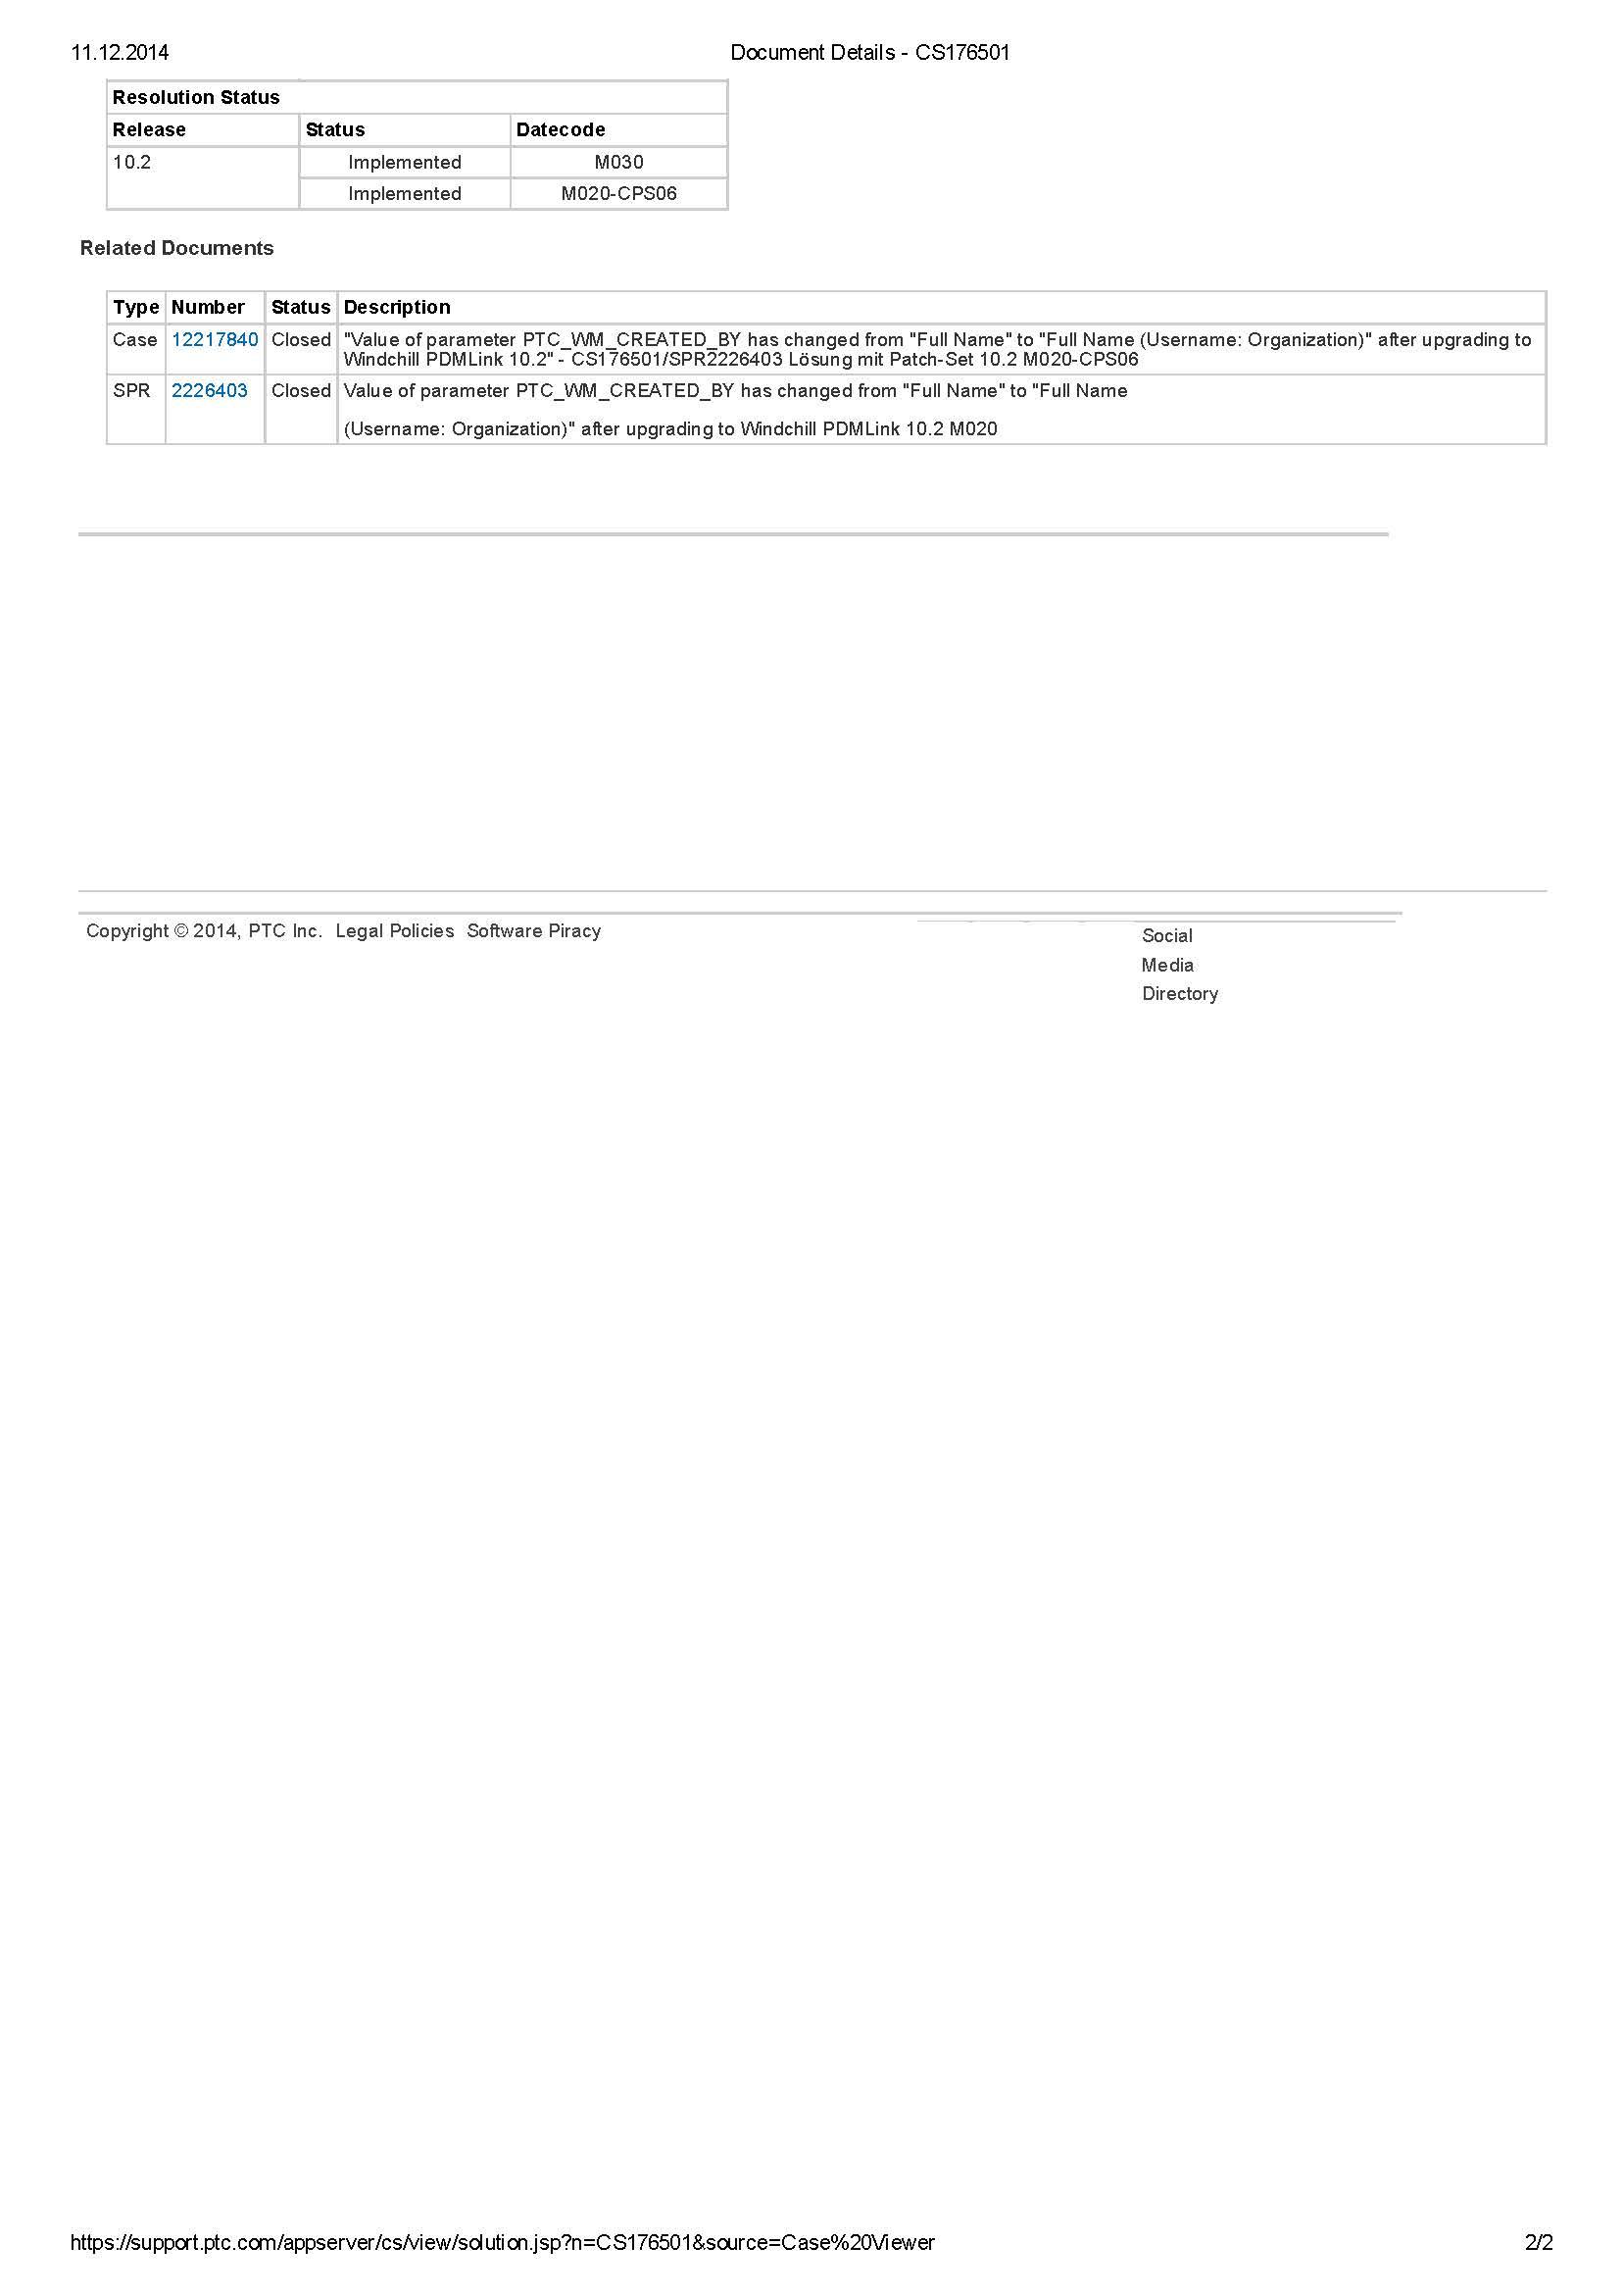 Document Details - CS176501_Seite_2.jpg